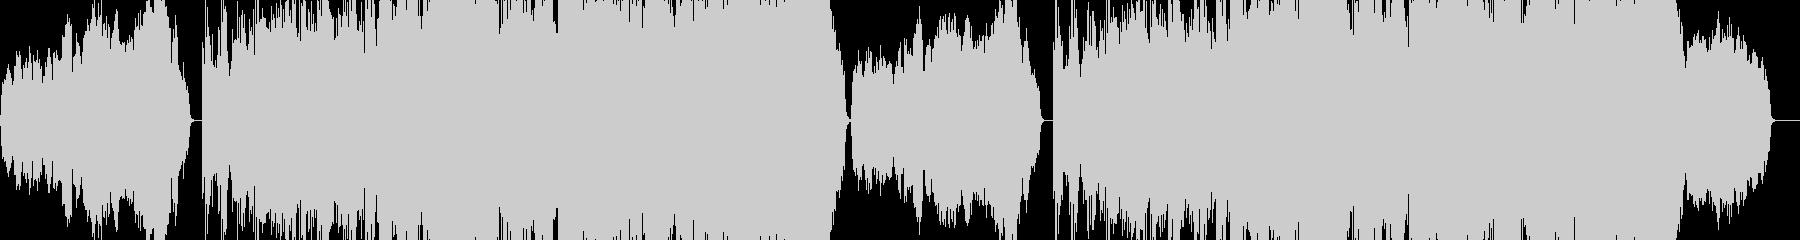 企業VP1 16bit44kHzVerの未再生の波形